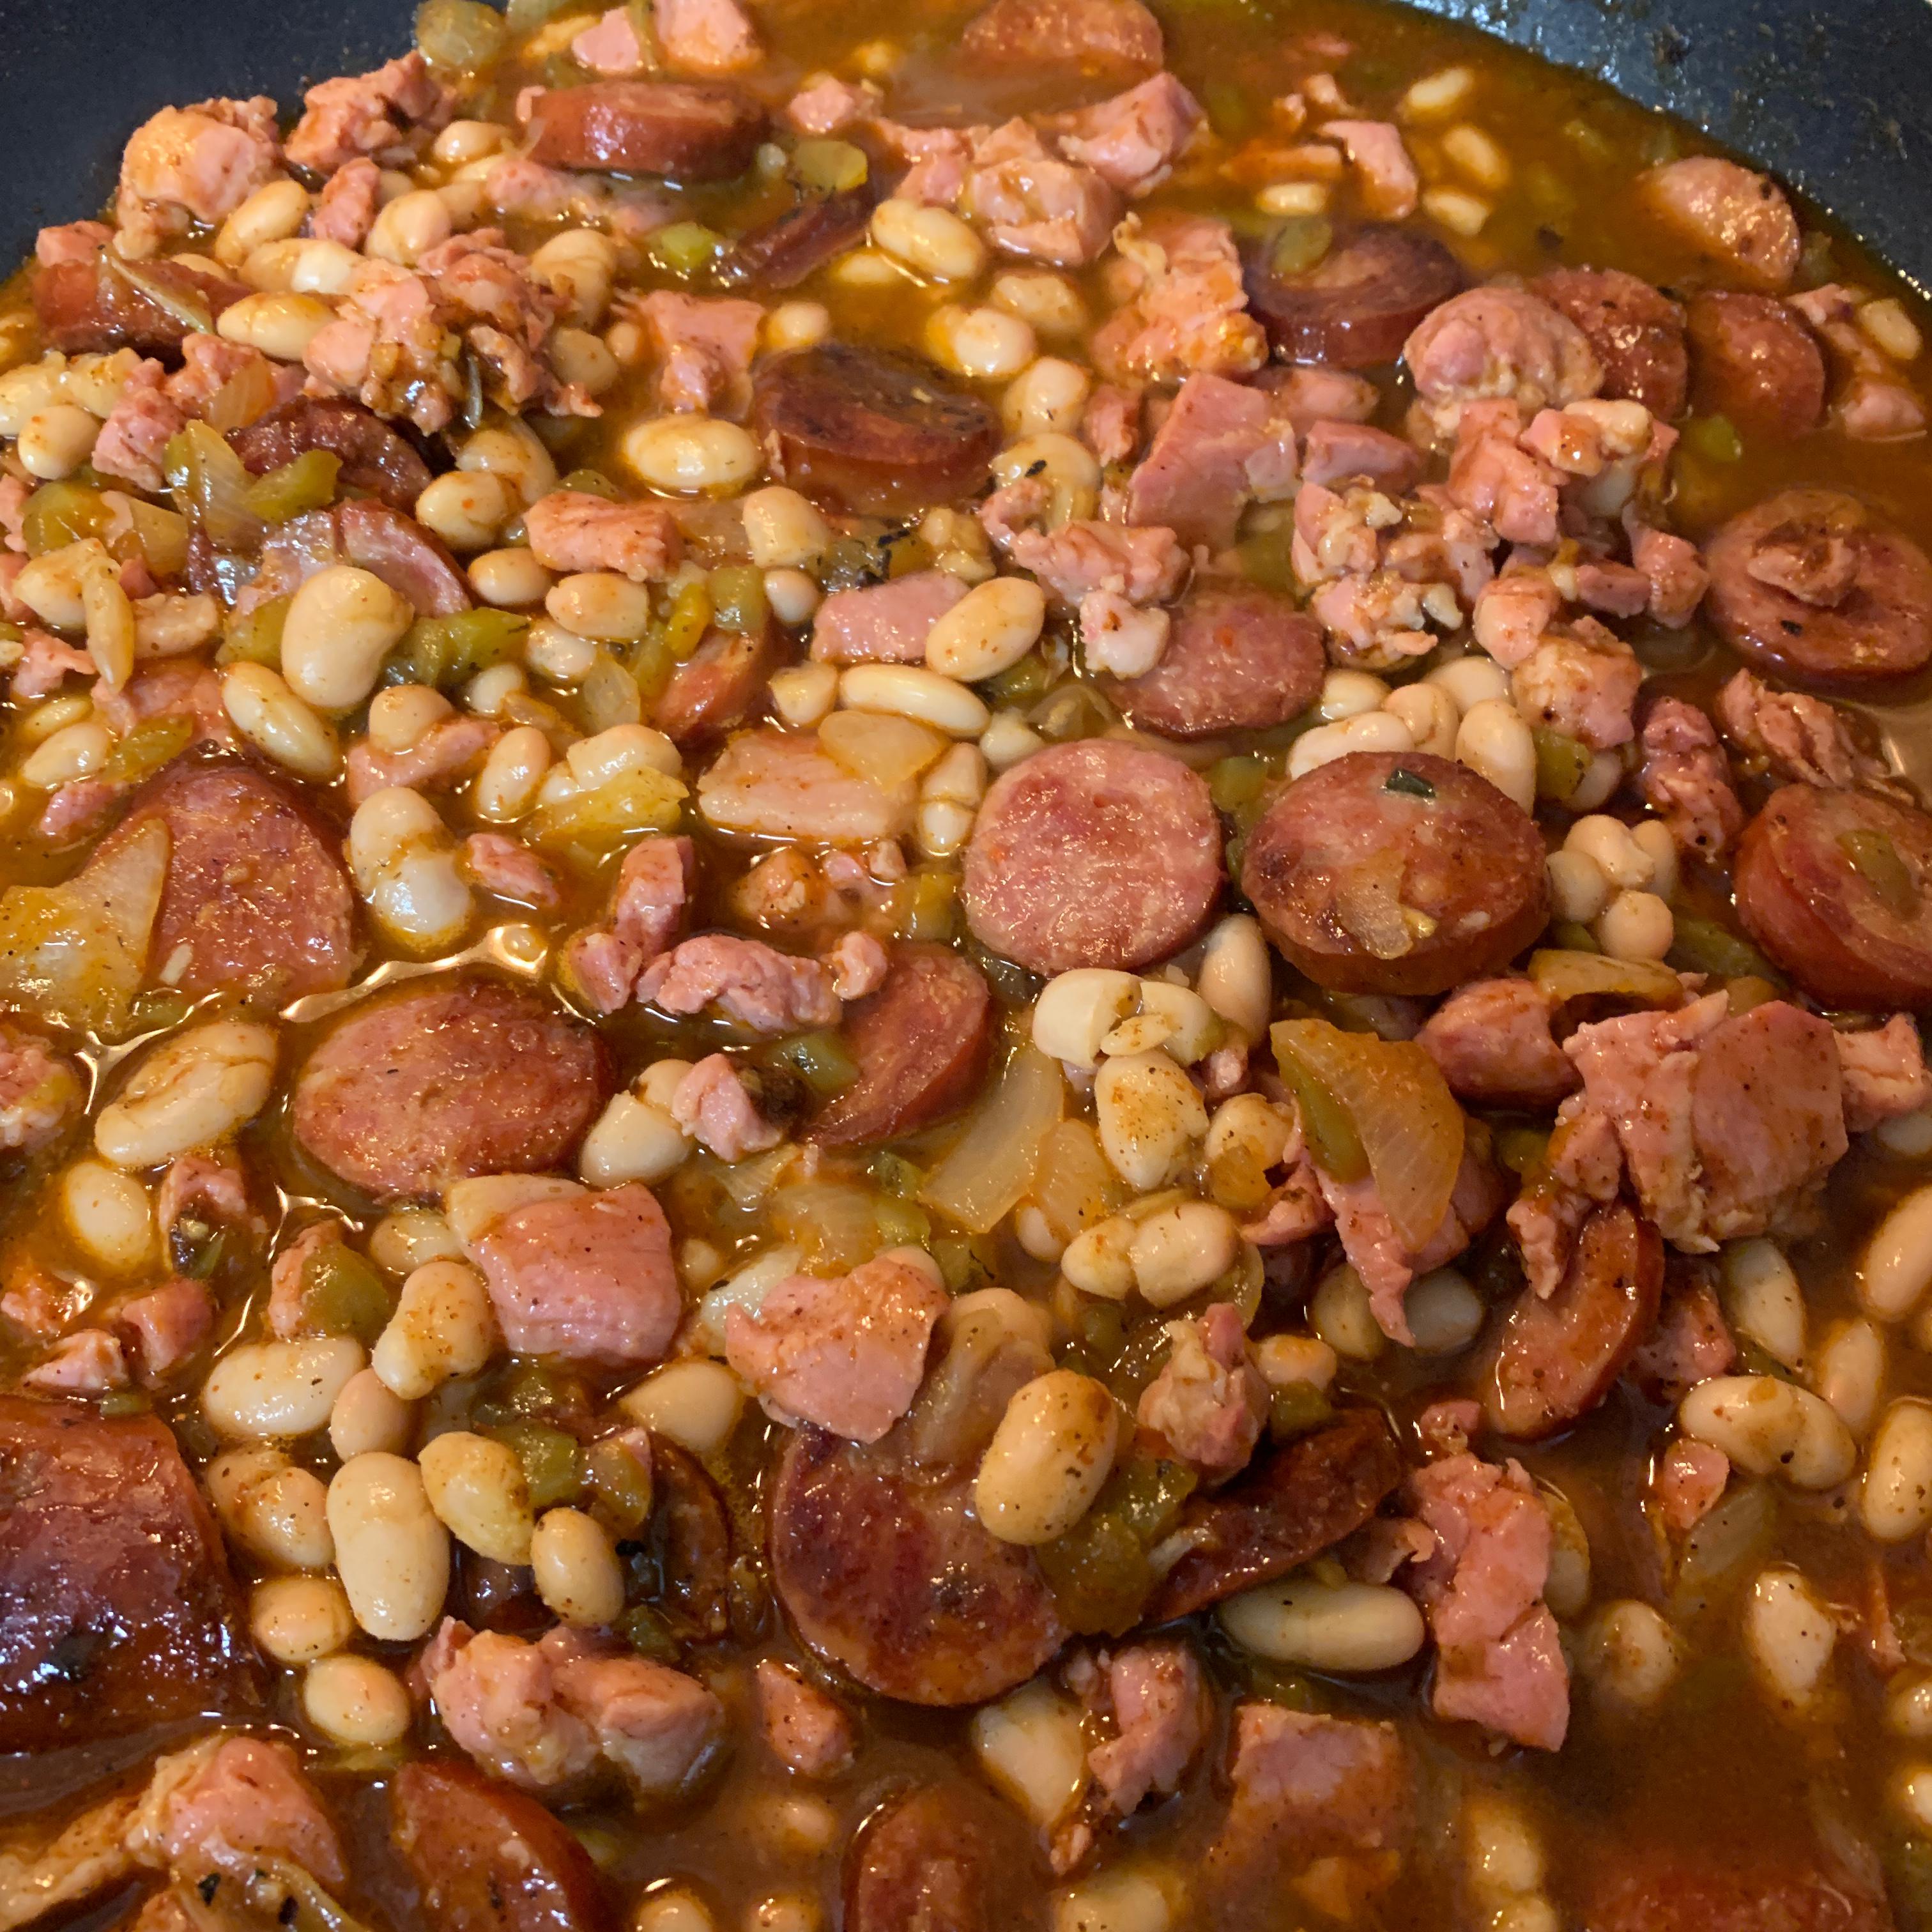 Smoked Sausage White Bean Chili